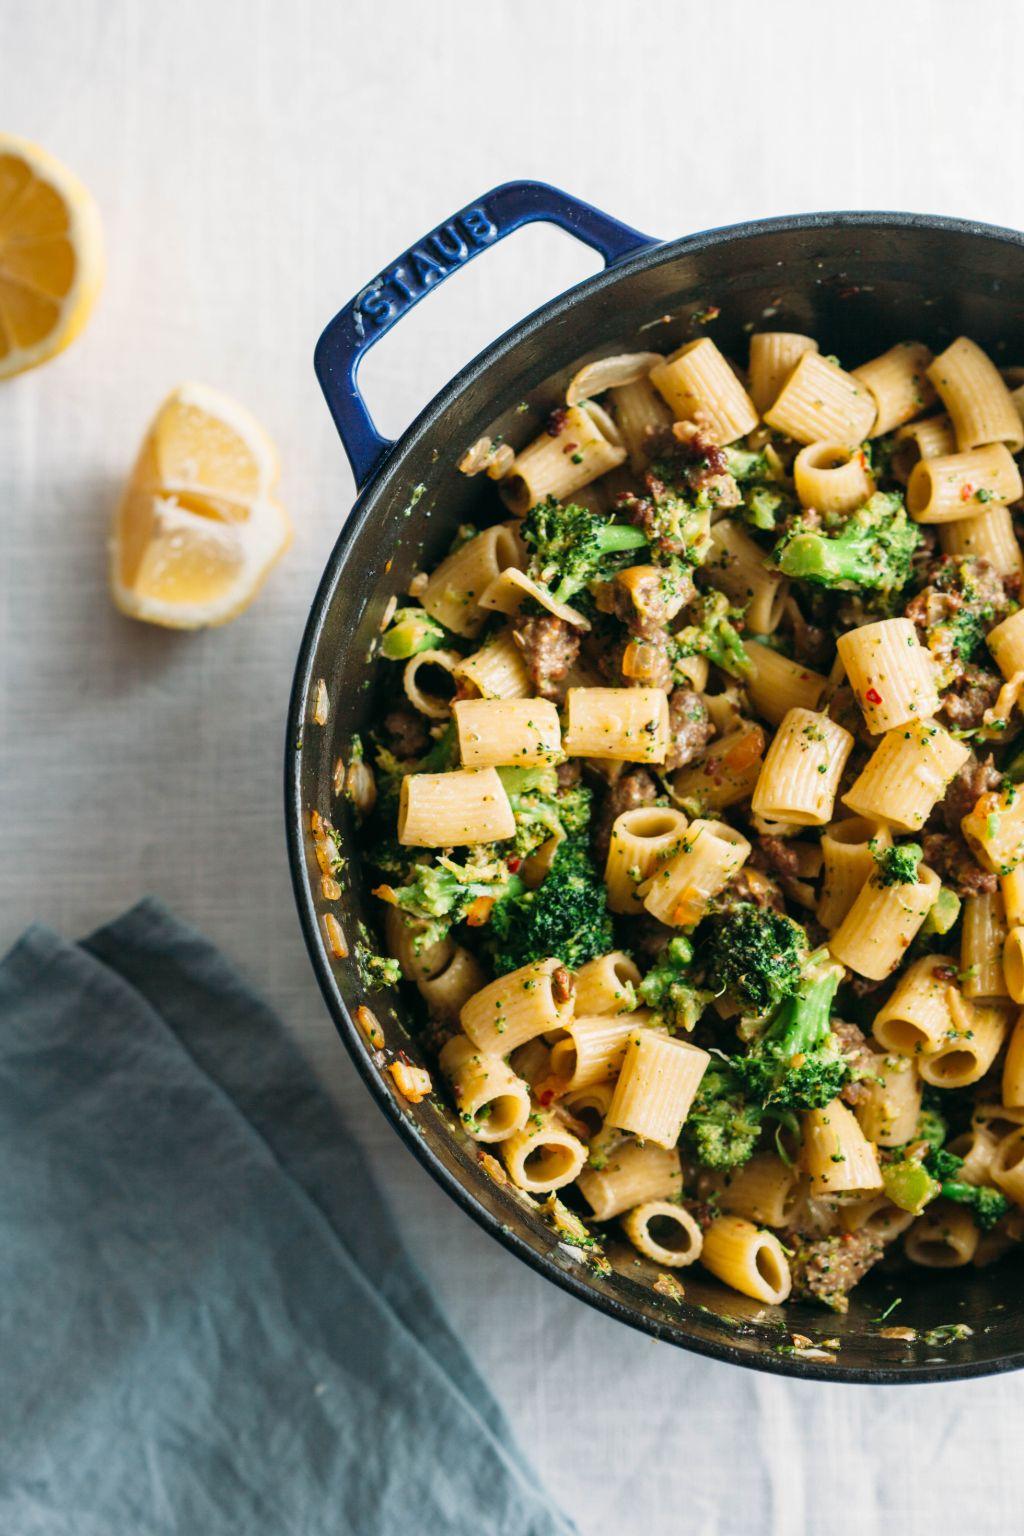 Rigatoni with Broccoli, Lemon, and Sausage - Tastemaker Blog